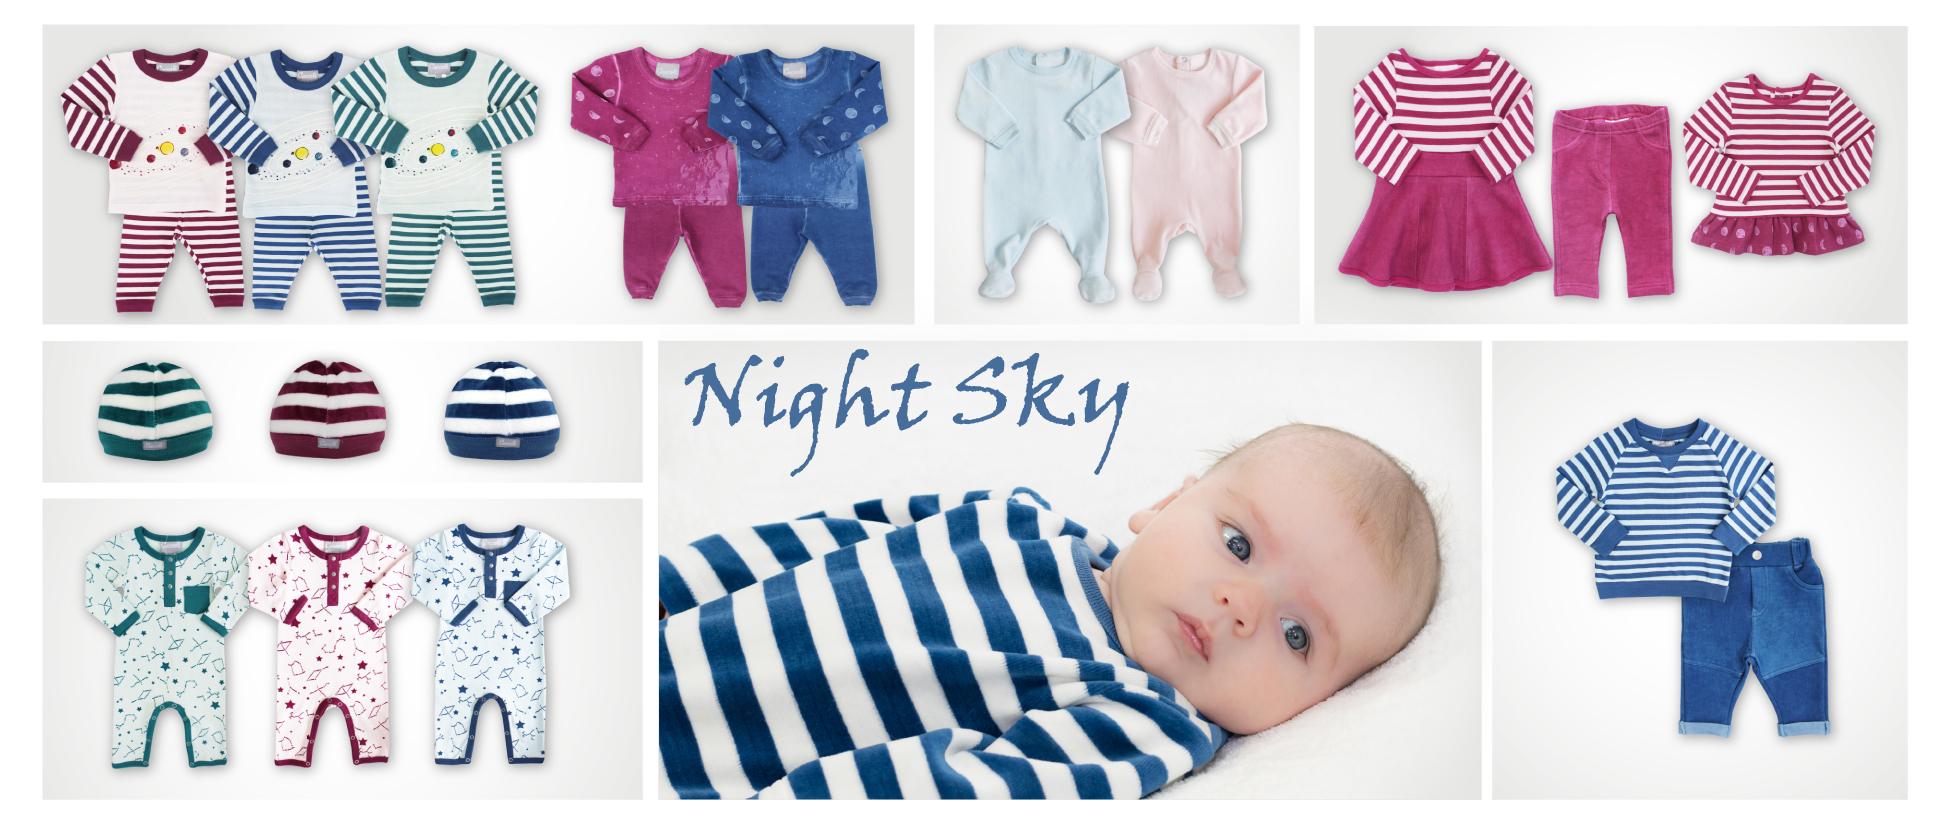 night-sky-3.jpg